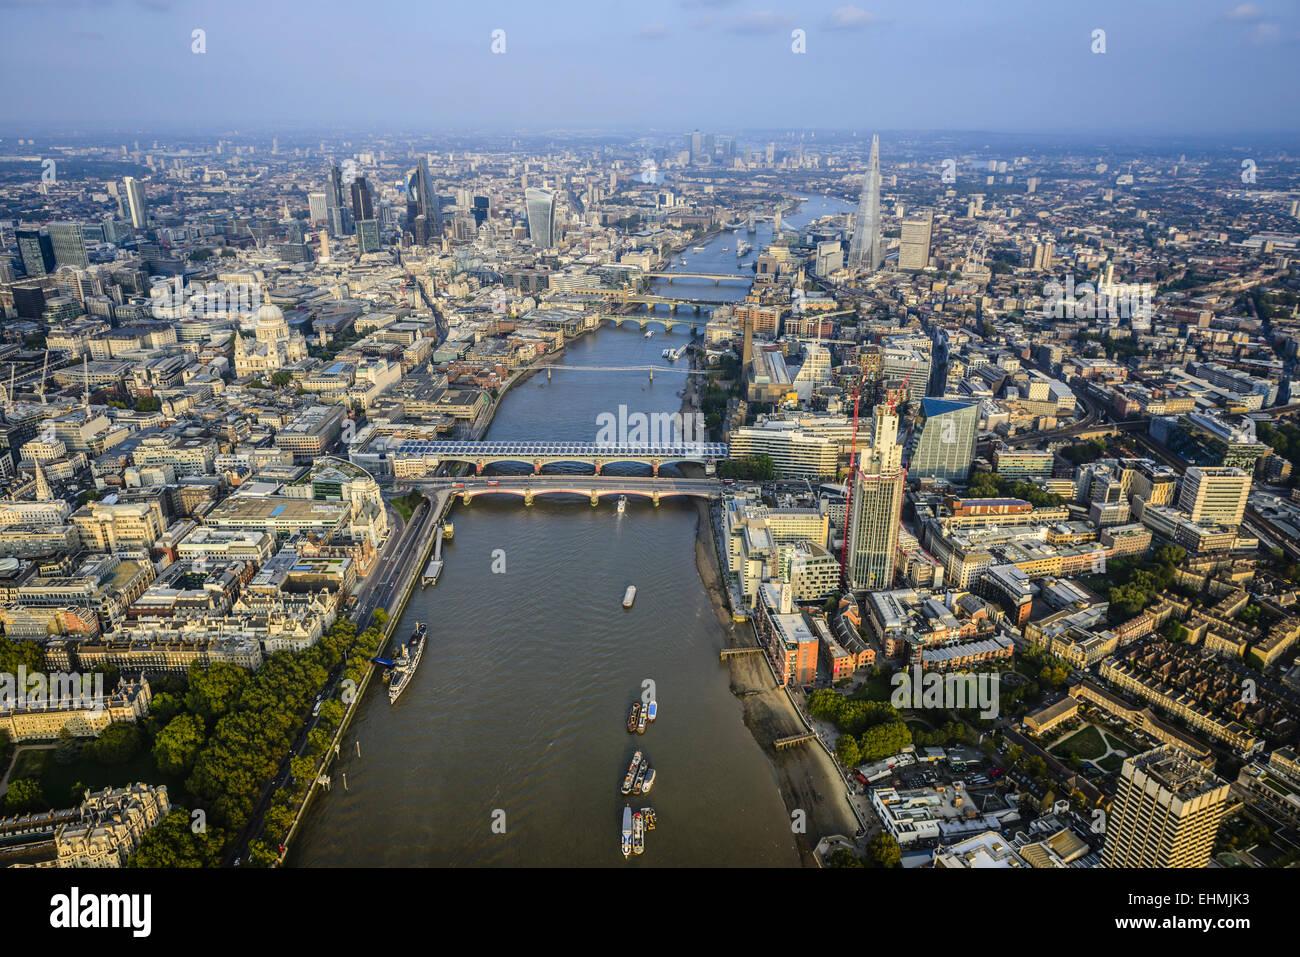 Luftaufnahme des Londoner Stadtbild und Fluss, England Stockbild